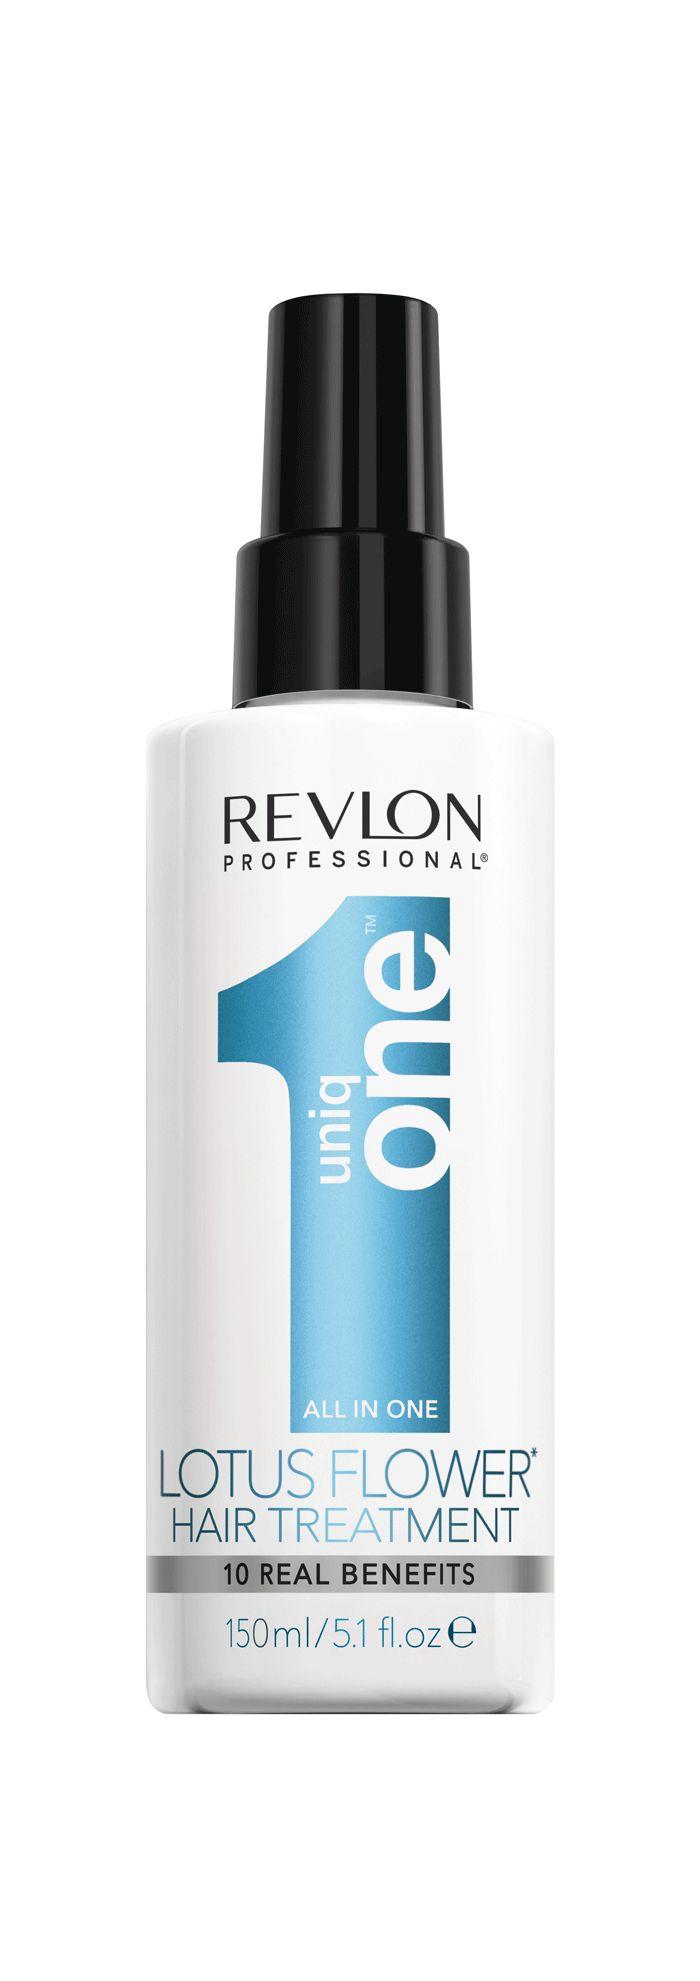 Traitement UniqONE Fleur de Lotus, de Revlon Professional - 6 soins capillaires tout-en-un pour des cheveux en santé!